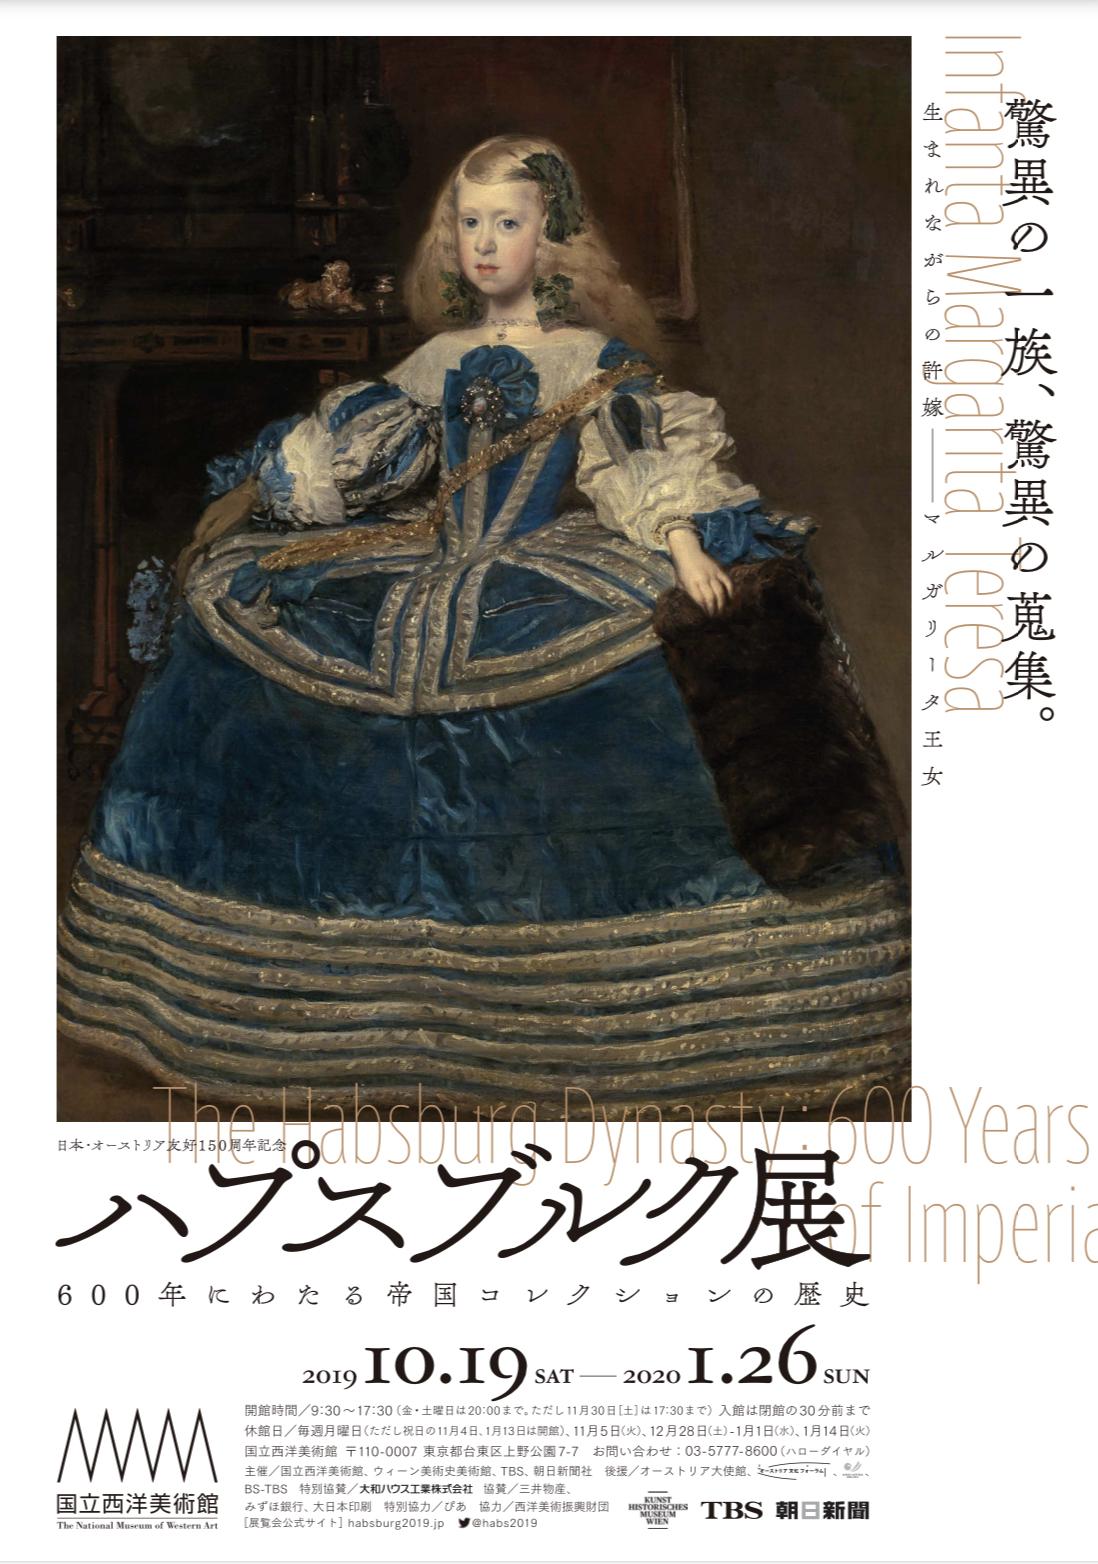 ハプスブルク展−600年にわたる帝国コレクションの歴史